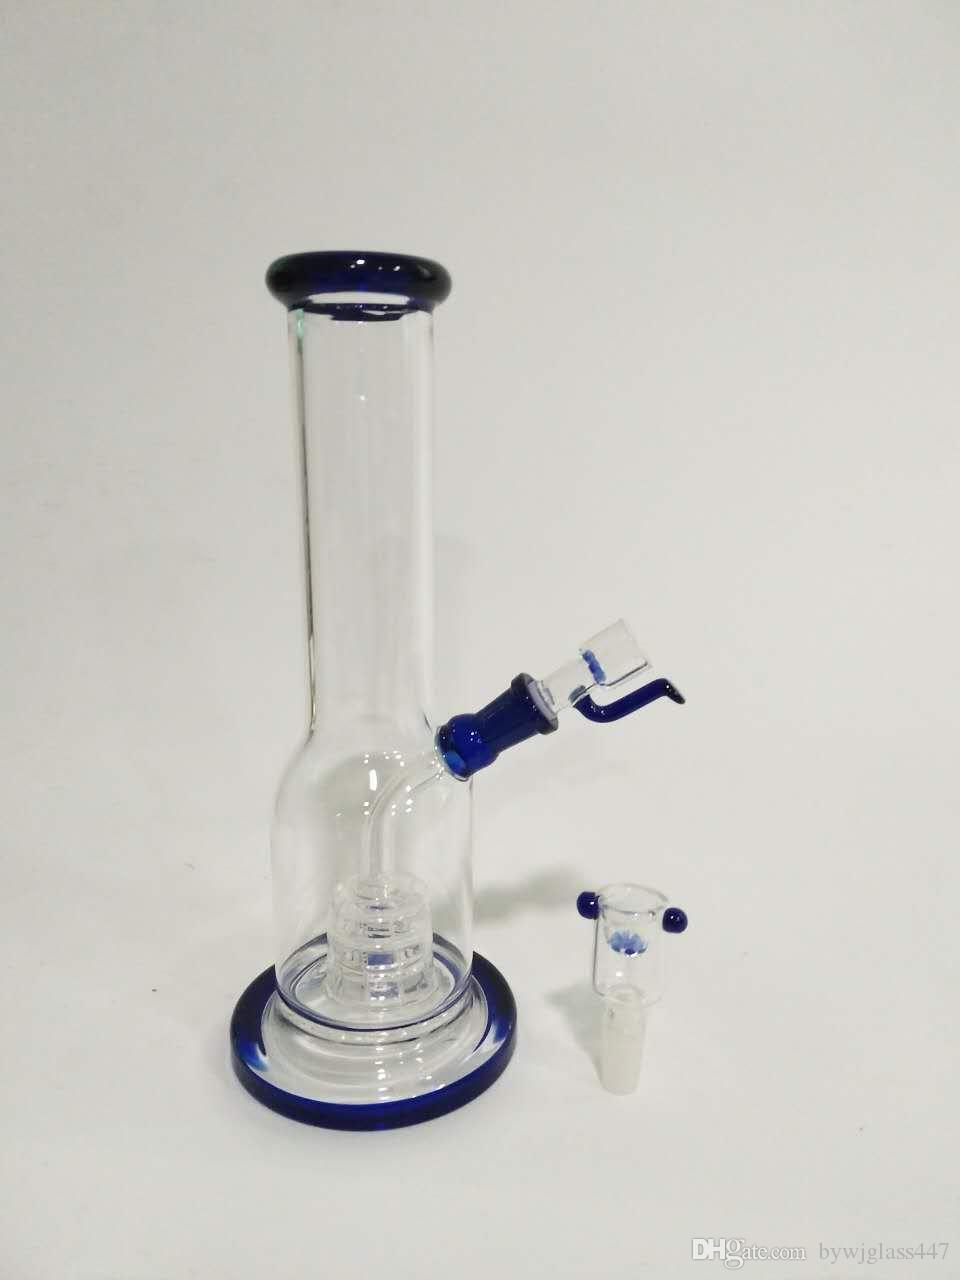 Glasrohr, 30 cm hoch, Glasrohr 5 cm Durchmesser, Fugengröße; 18 mm, Glasbongs und Glaspfeifen